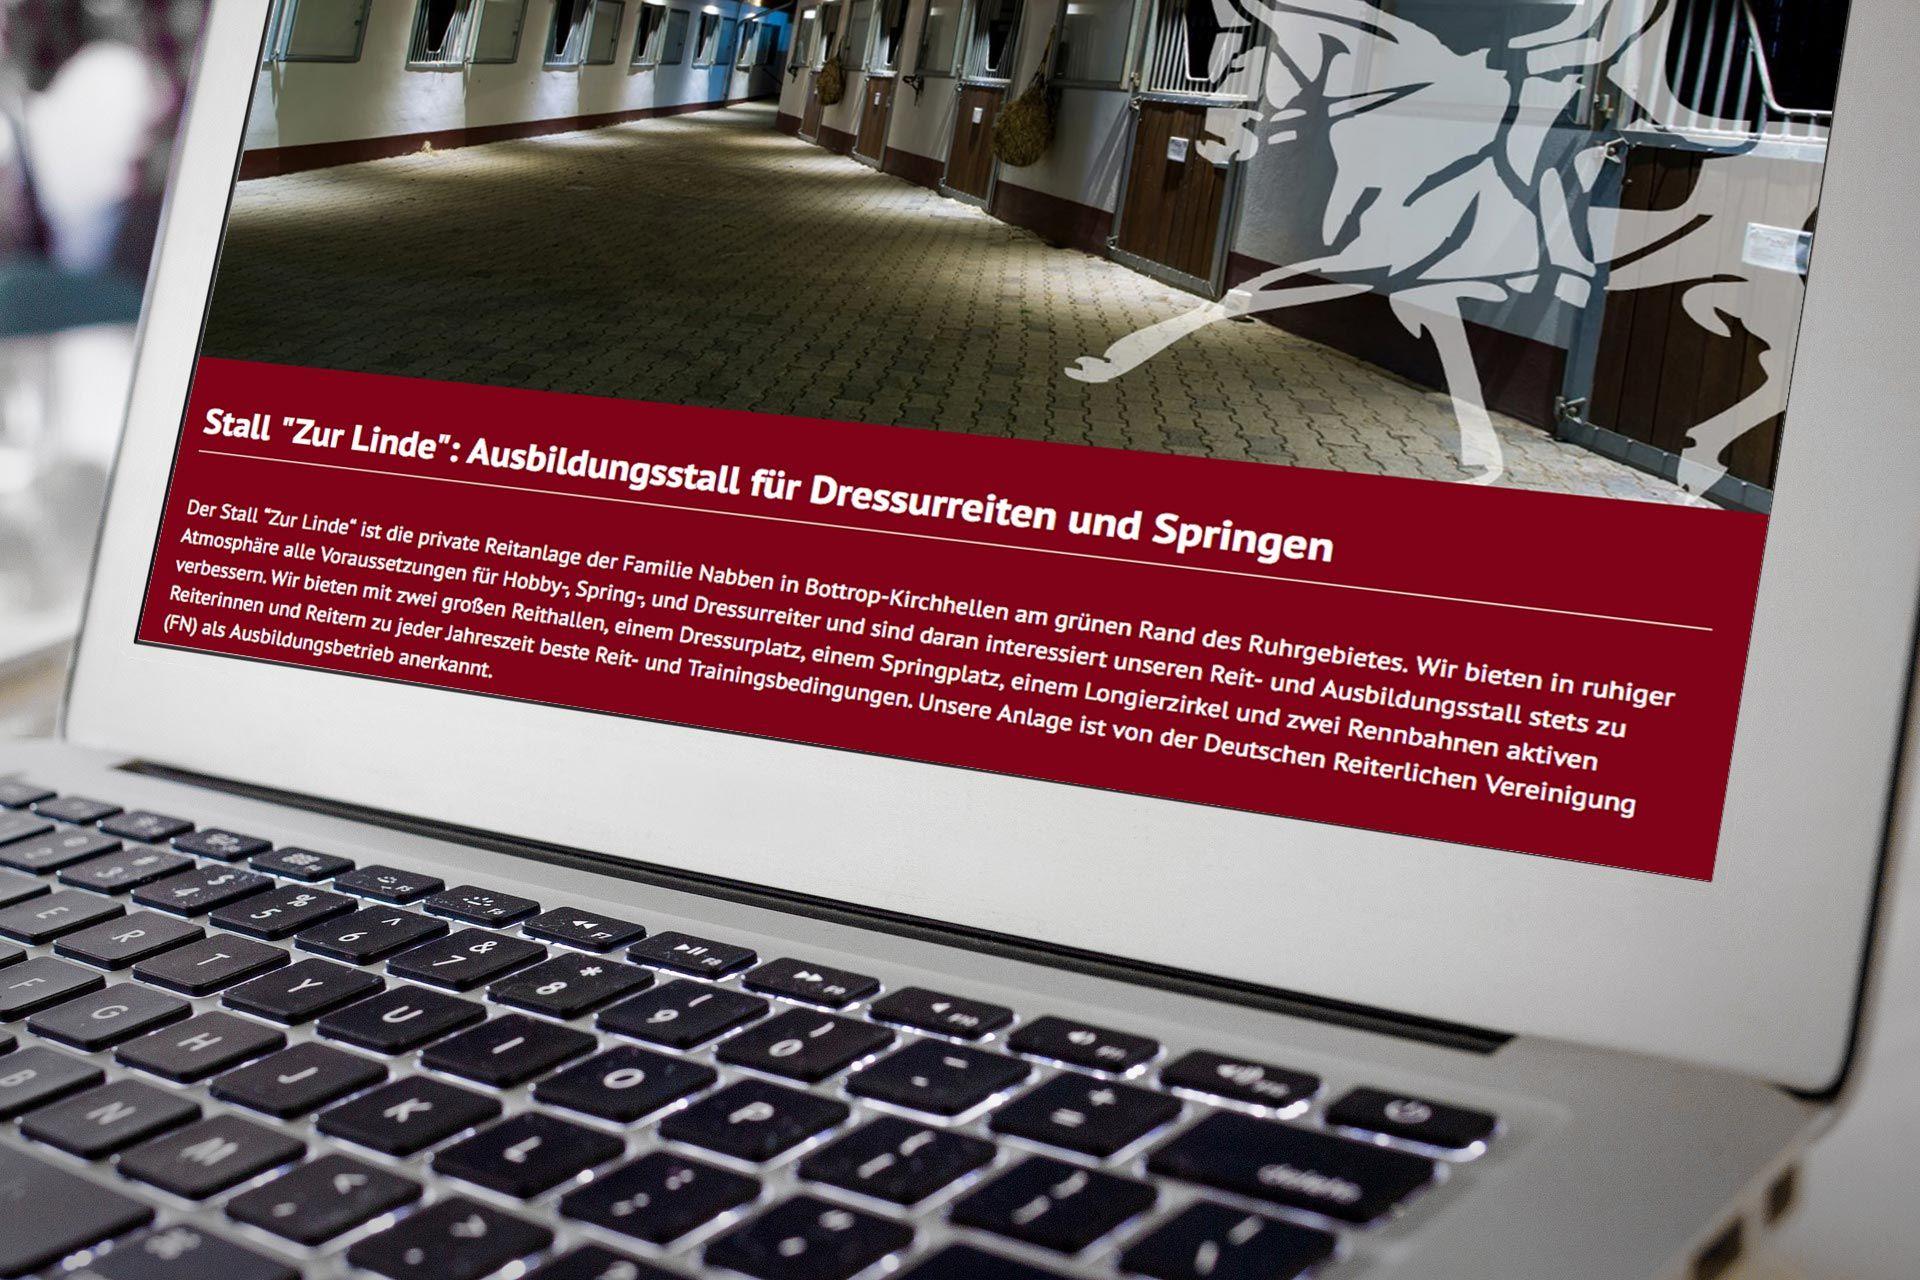 Foto: Screenshot von www.stall-zur-linde.de